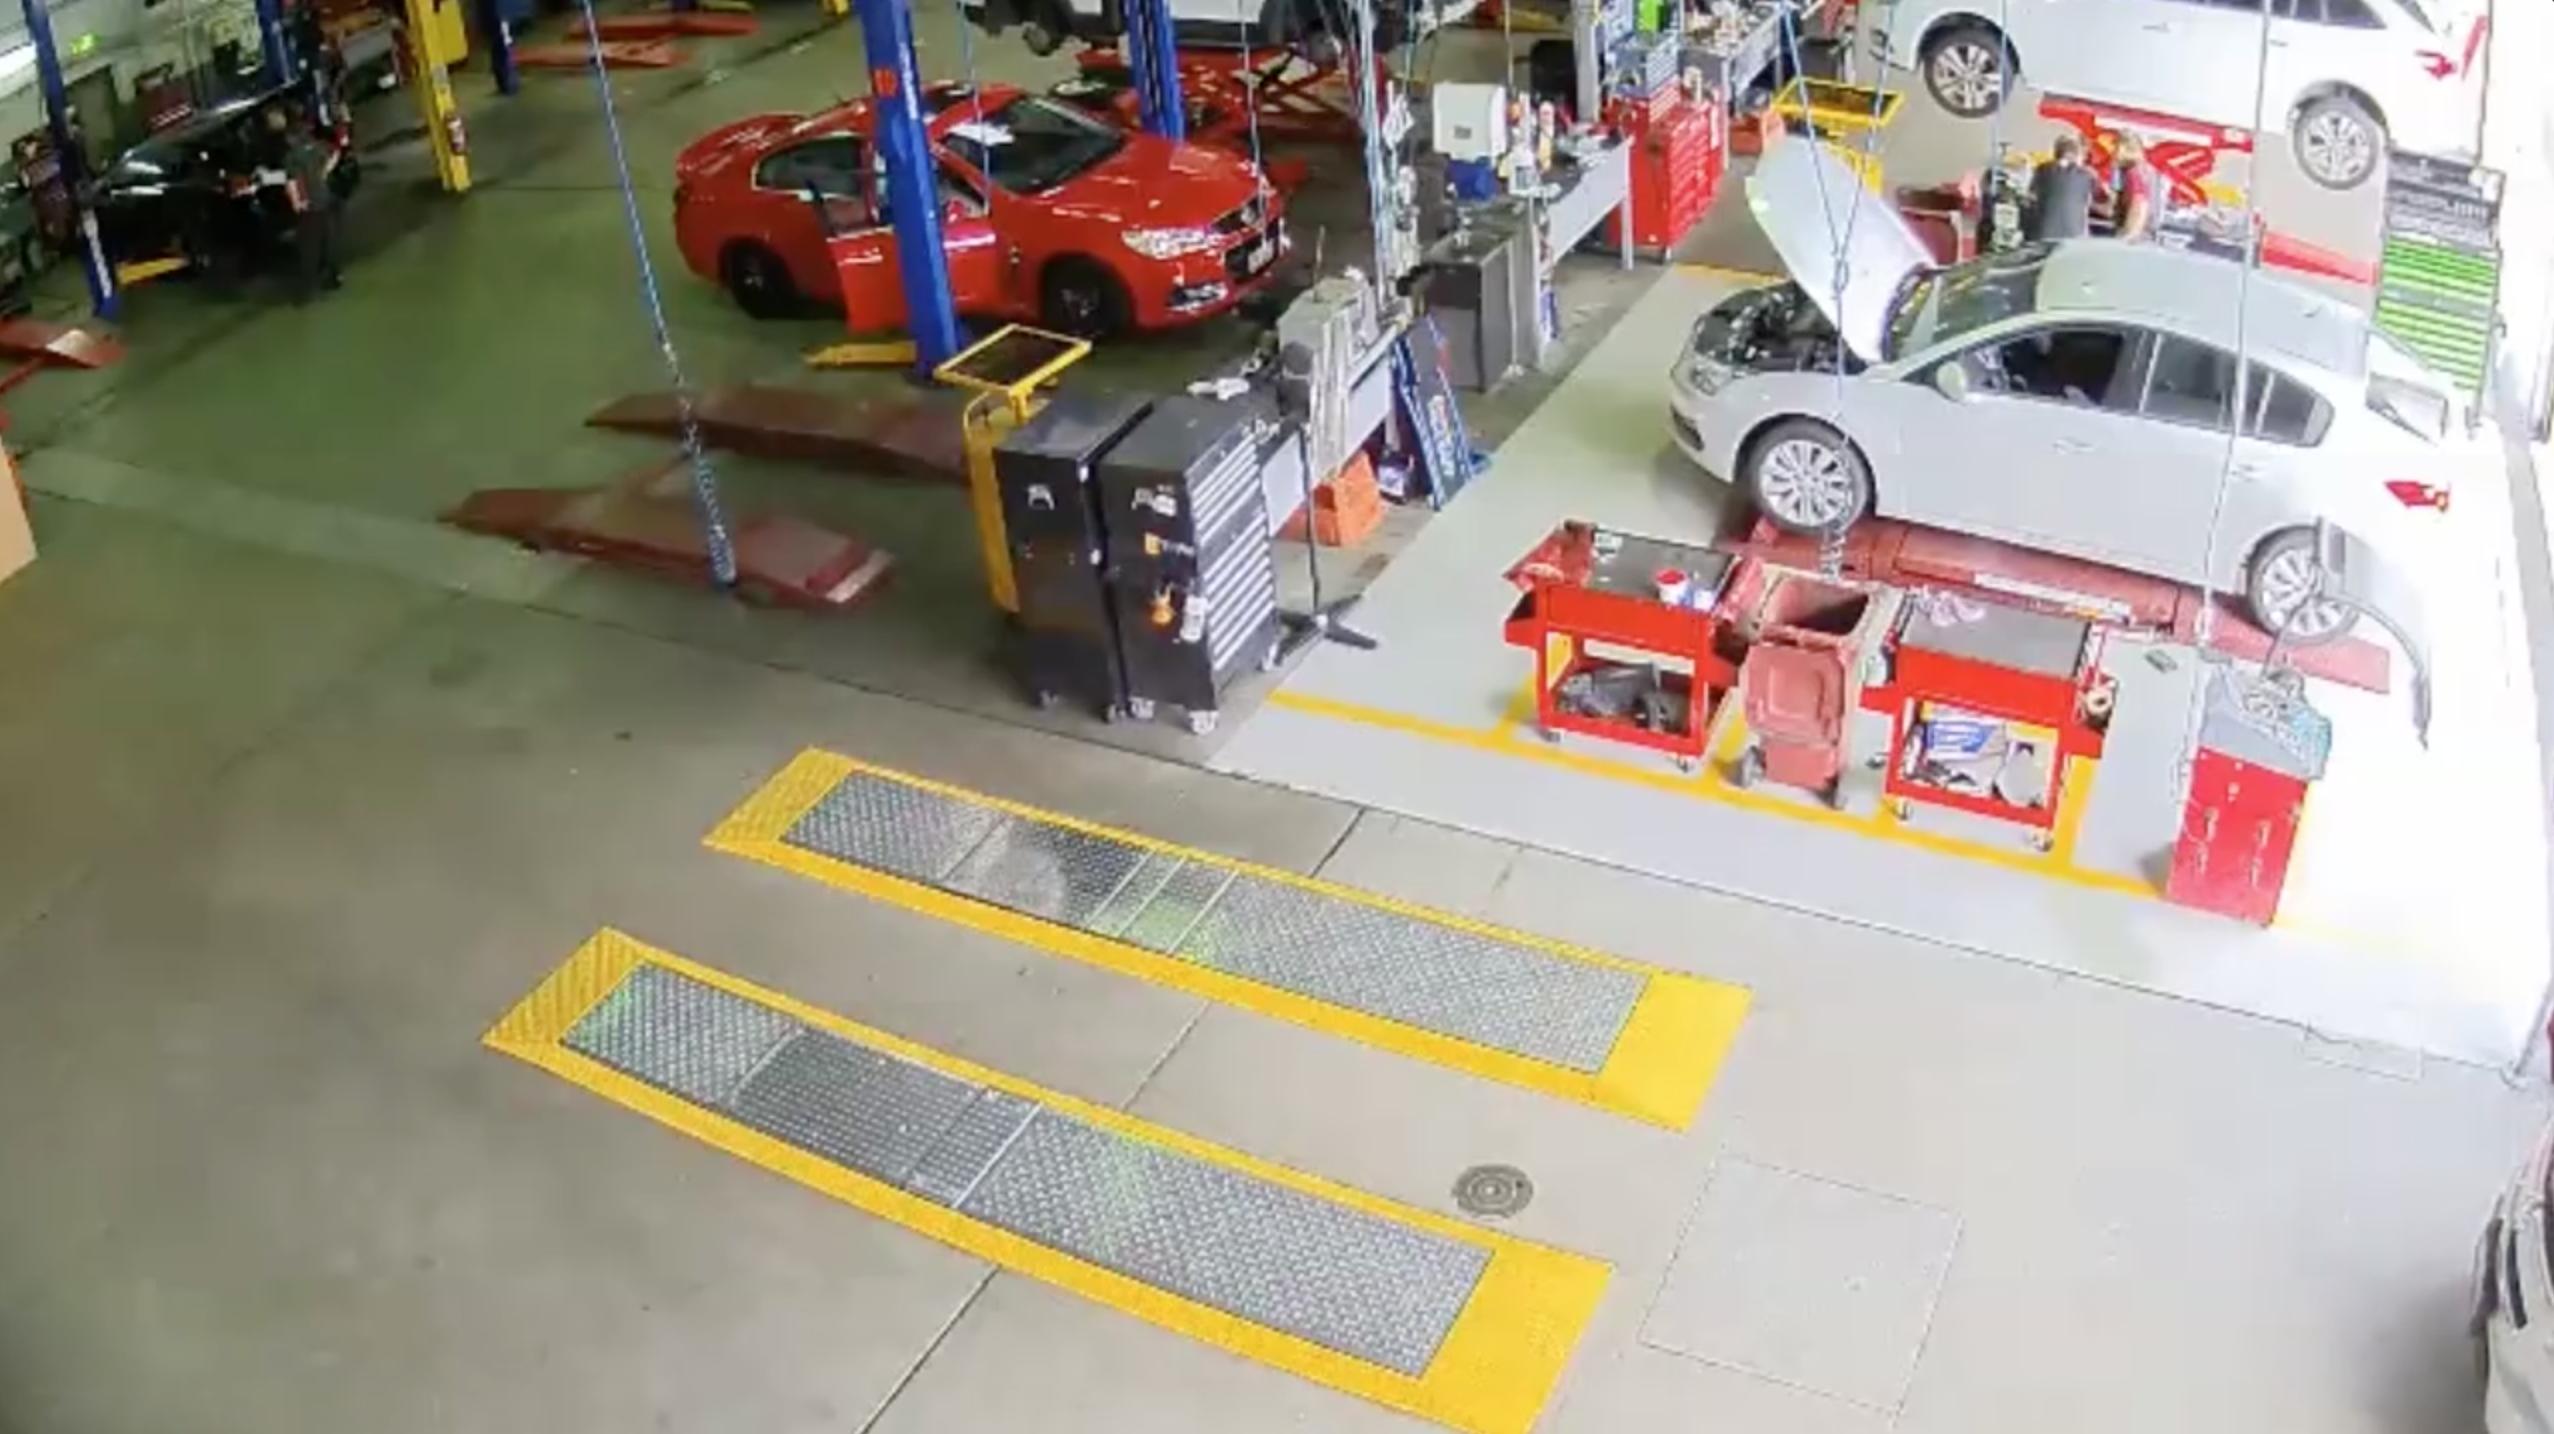 Un homme vole une voiture dans un garage automobile for Voiture dans un garage